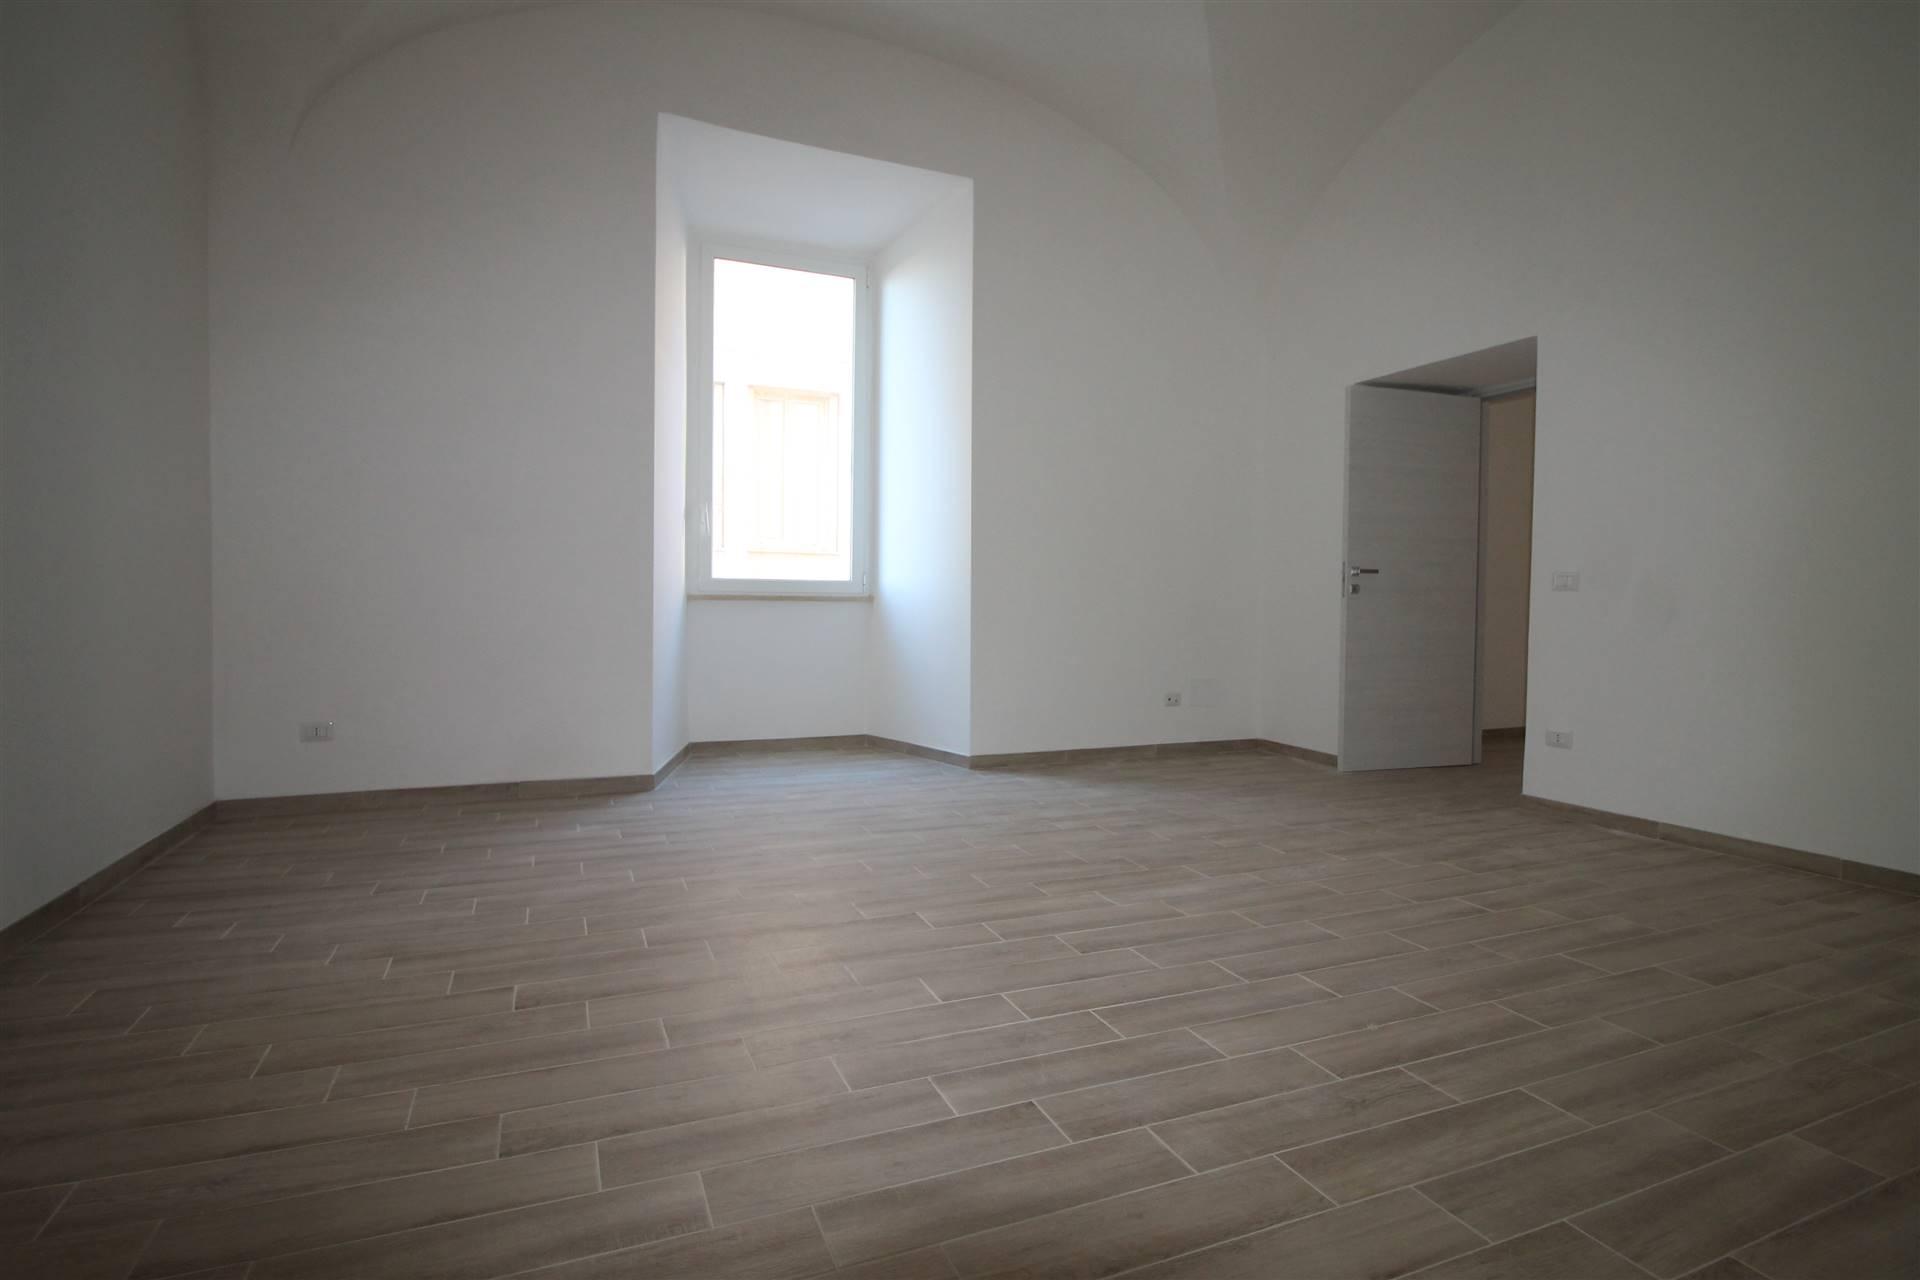 in palazzo del 700 proponiamo un bellissimo appartamento cat A/10 di 137 Mq con 4 ambienti. Completamente ristrutturato adatto sia ad Ufficio che ad